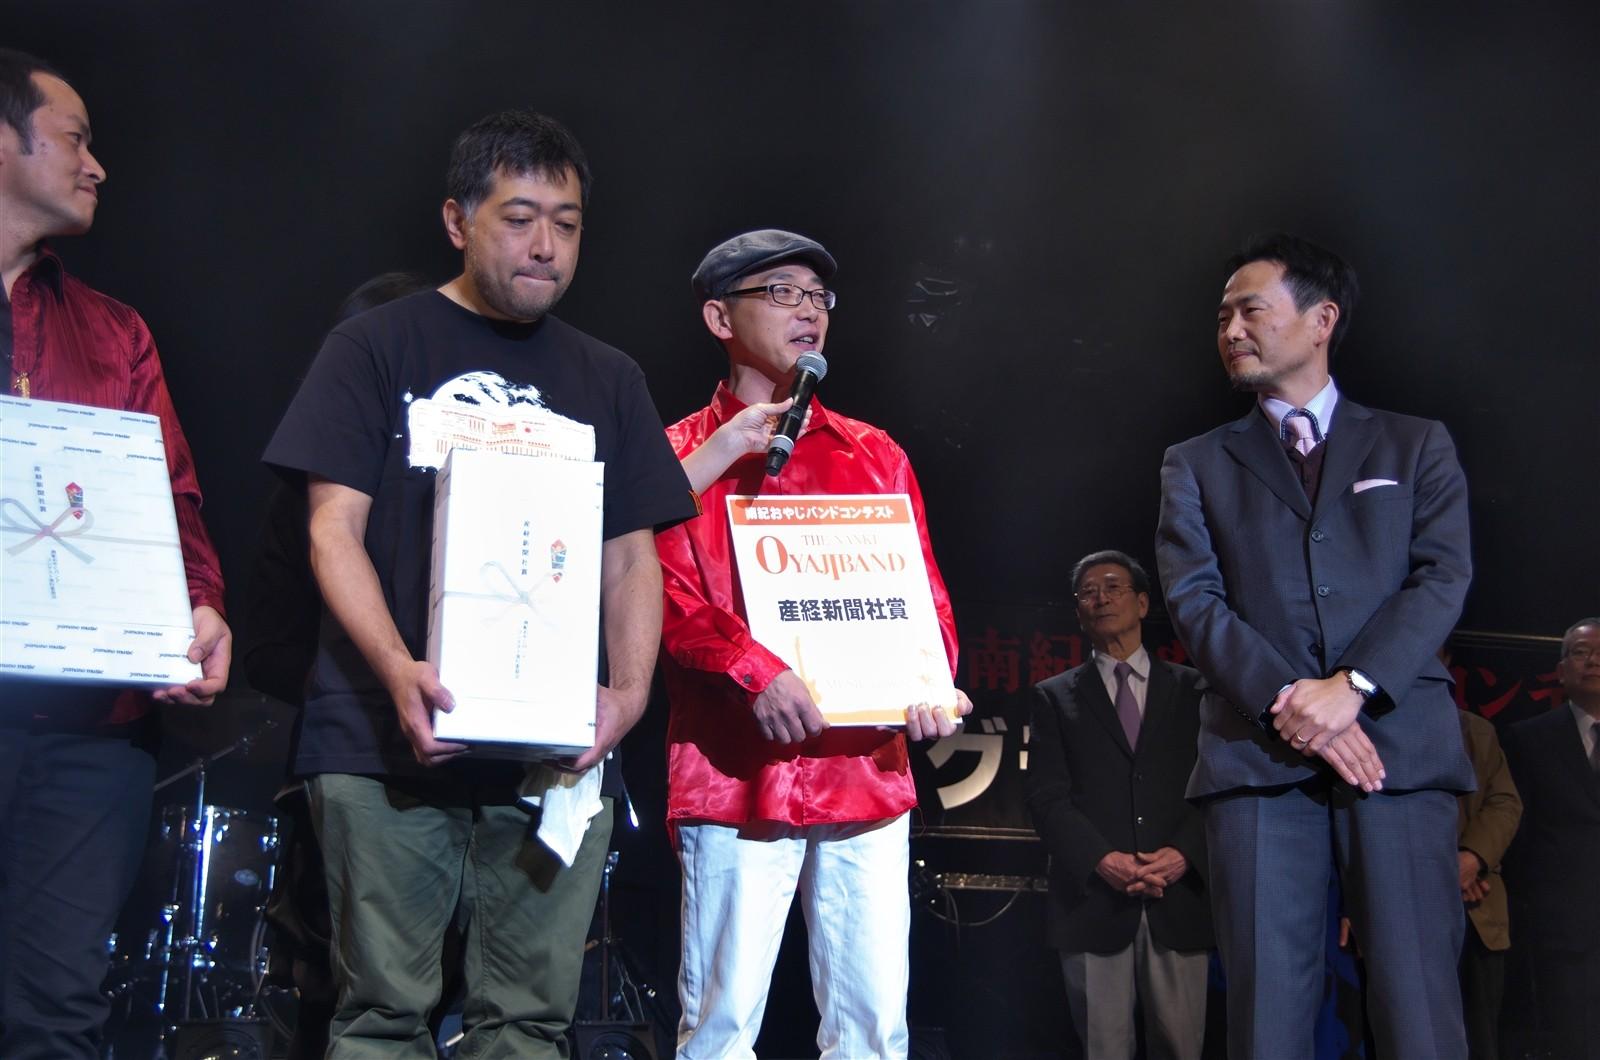 12‐1‐1表彰式_産経新聞社賞0027_R